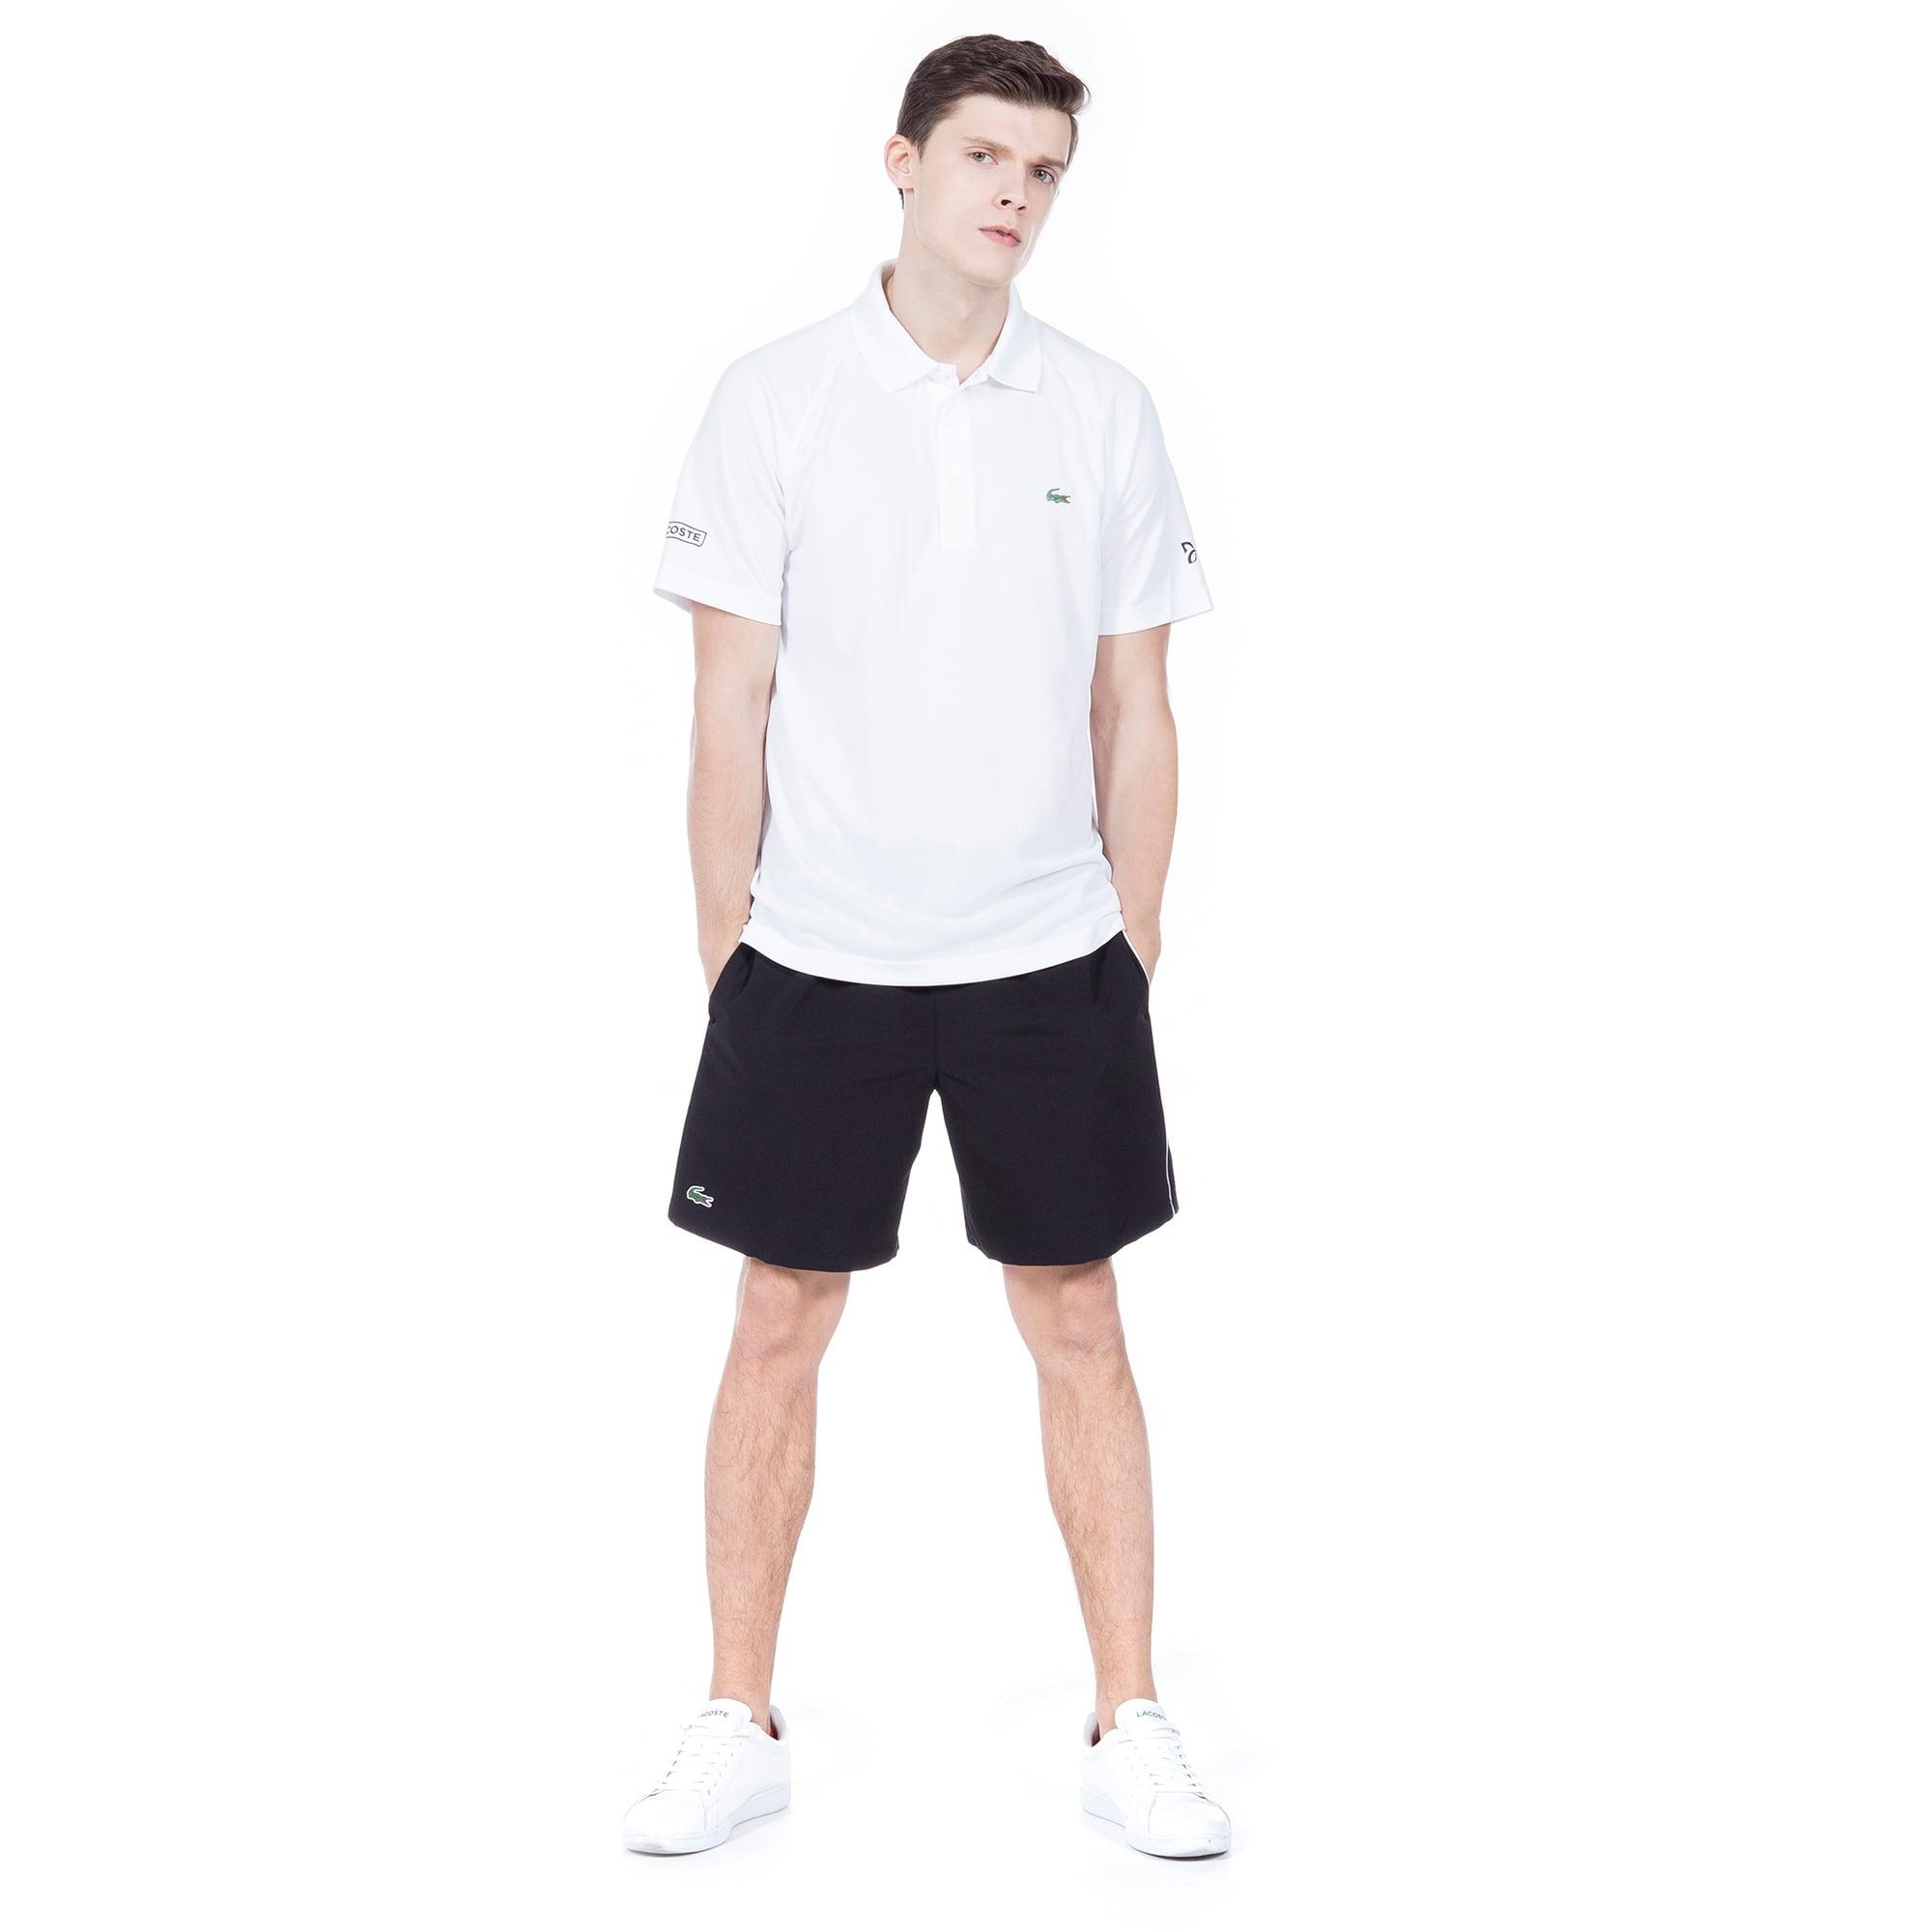 (남성) 스포츠 [Novak Djokovic Collection] 배색 단 처리 기능성 쇼츠